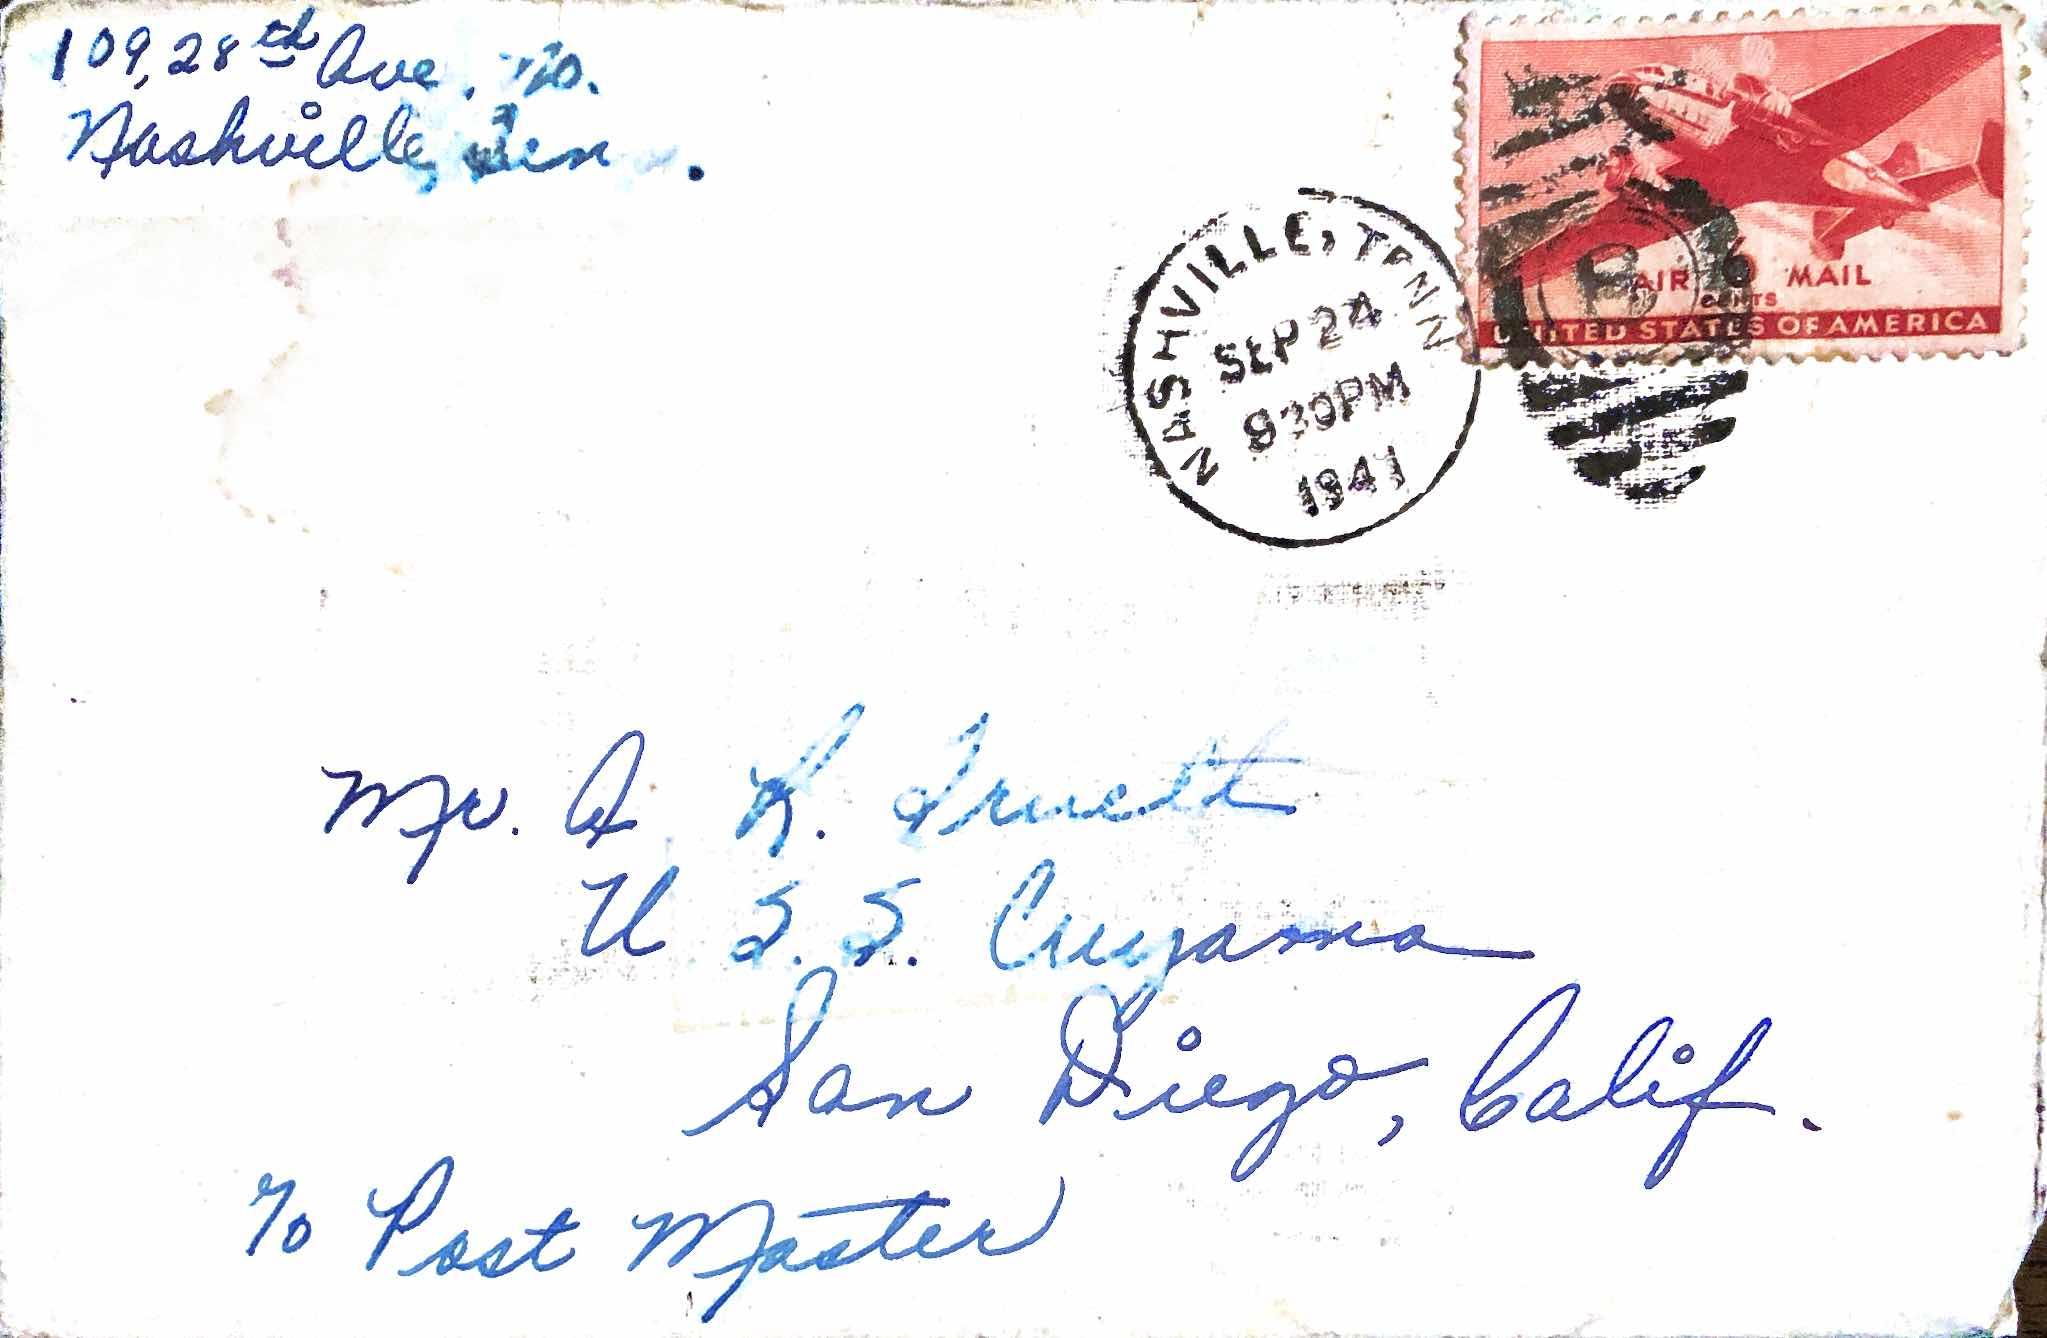 September 24, 1941 Hello Darling